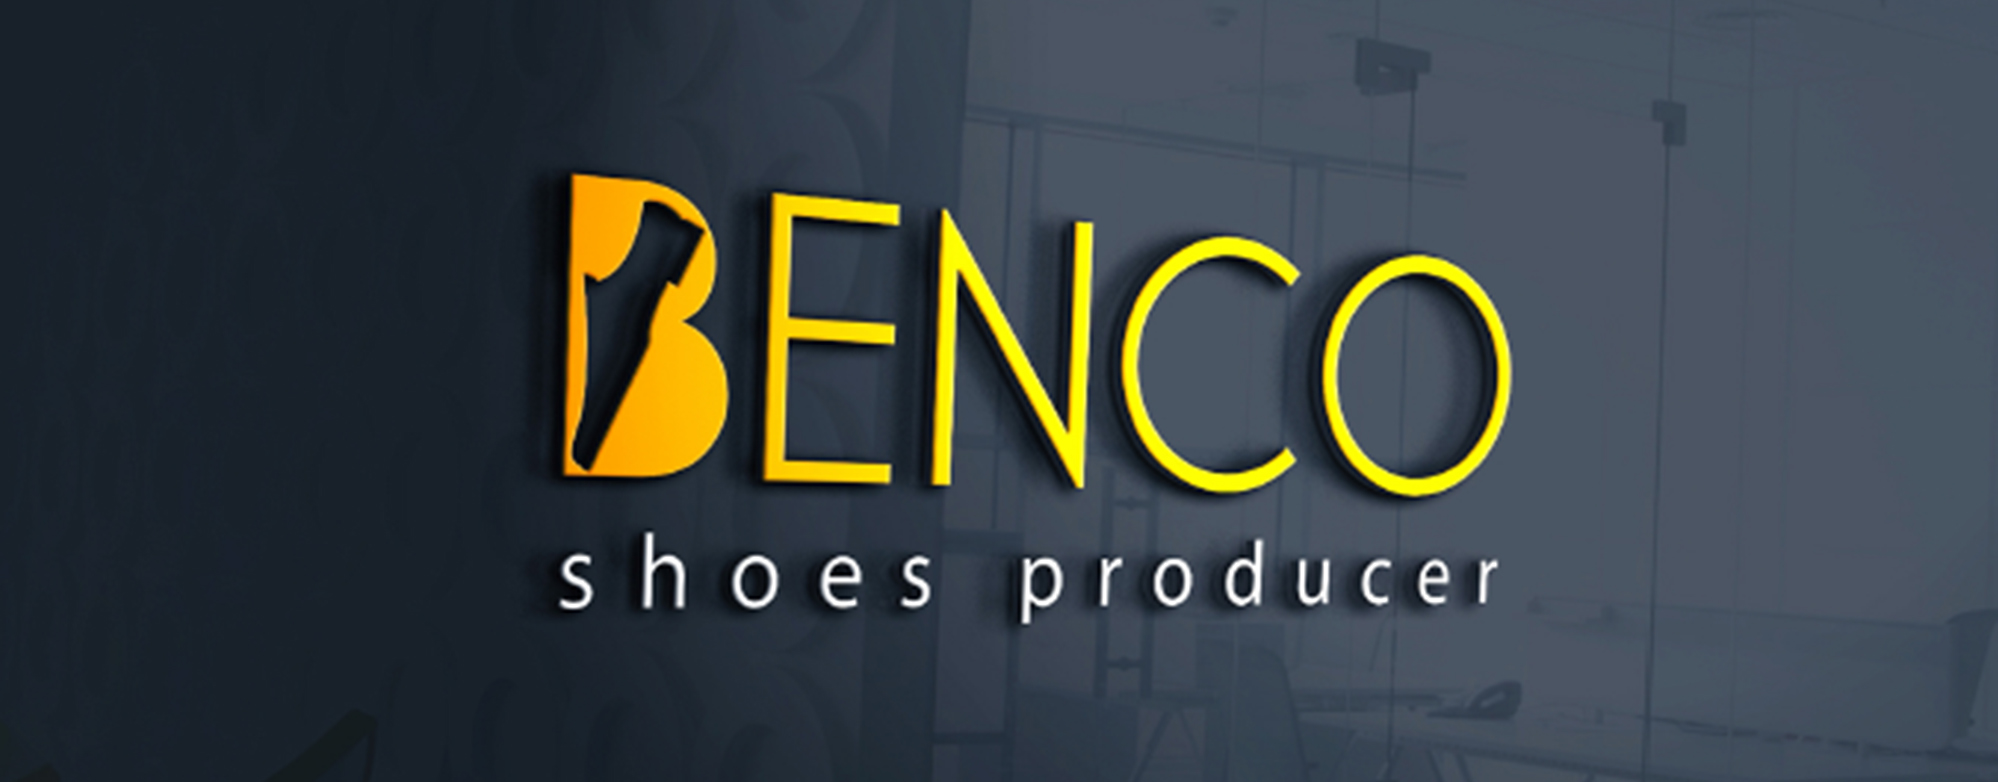 أحذية بنکو (الأحذية ، benco)